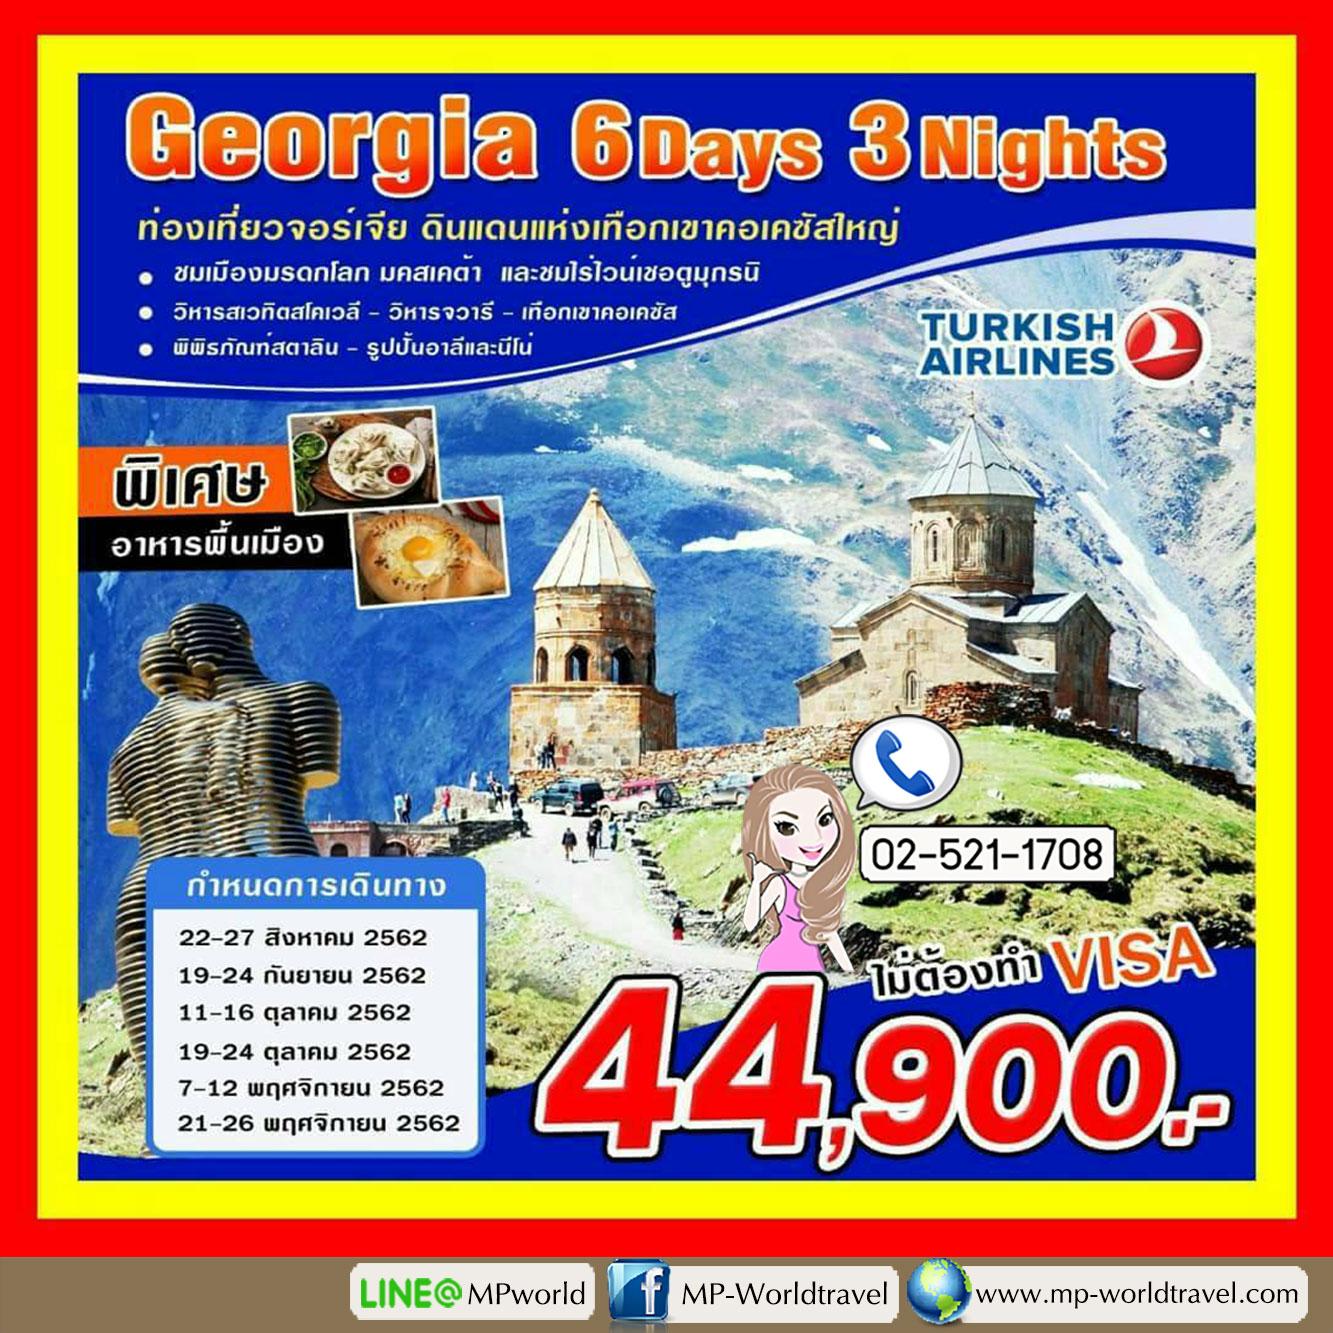 ทัวร์จอร์เจีย ไข่มุกแห่งคอเคซัส Georgia Land of Greater Caucasus Mountains 6วัน 3คืน